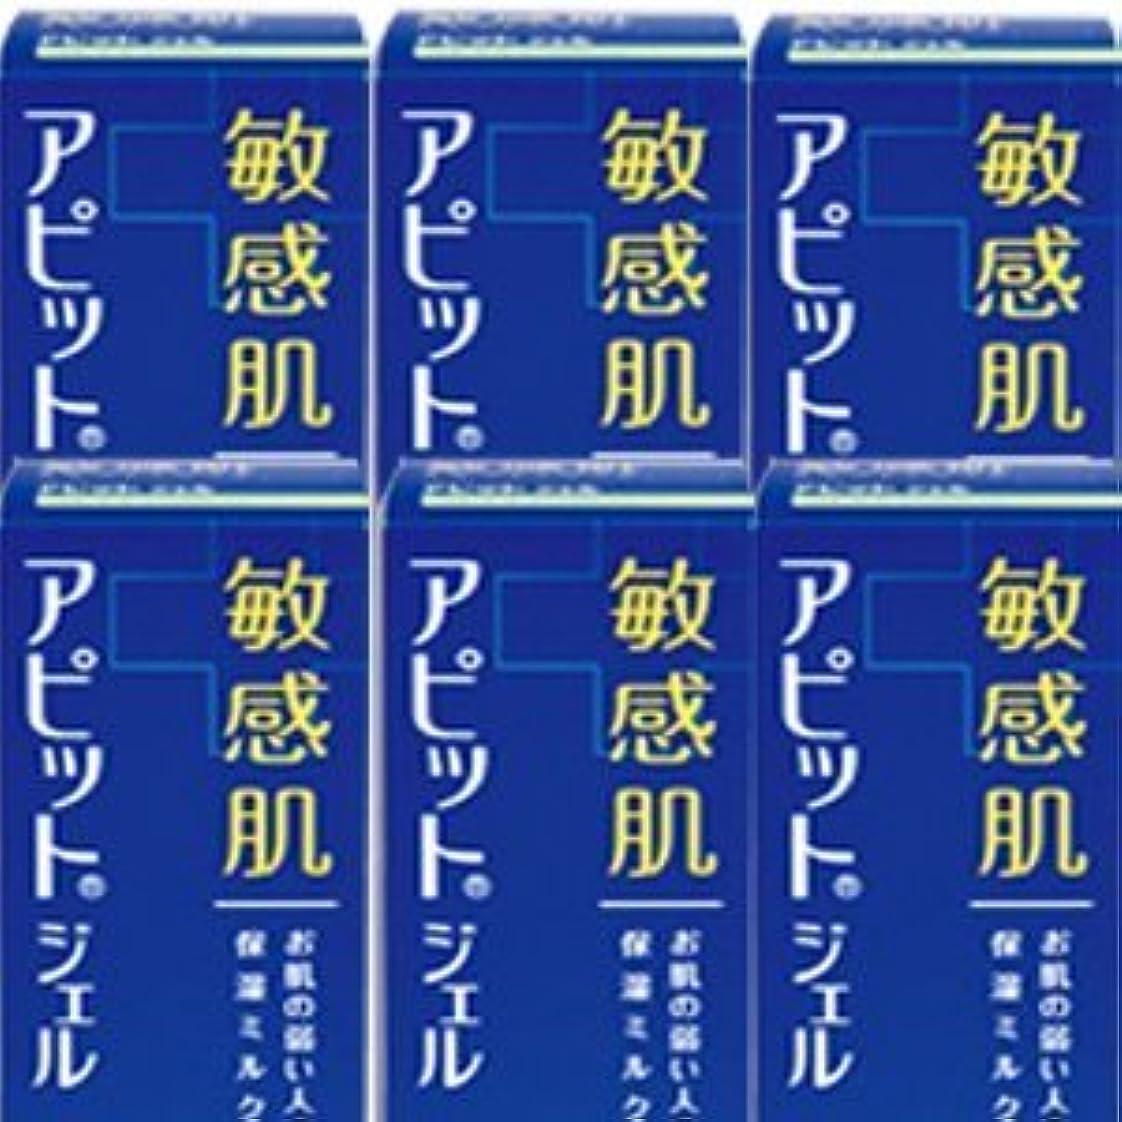 アパル誘う気質【6個】全薬工業 アピットジェルS 120mlx6個セット (4987305034625)